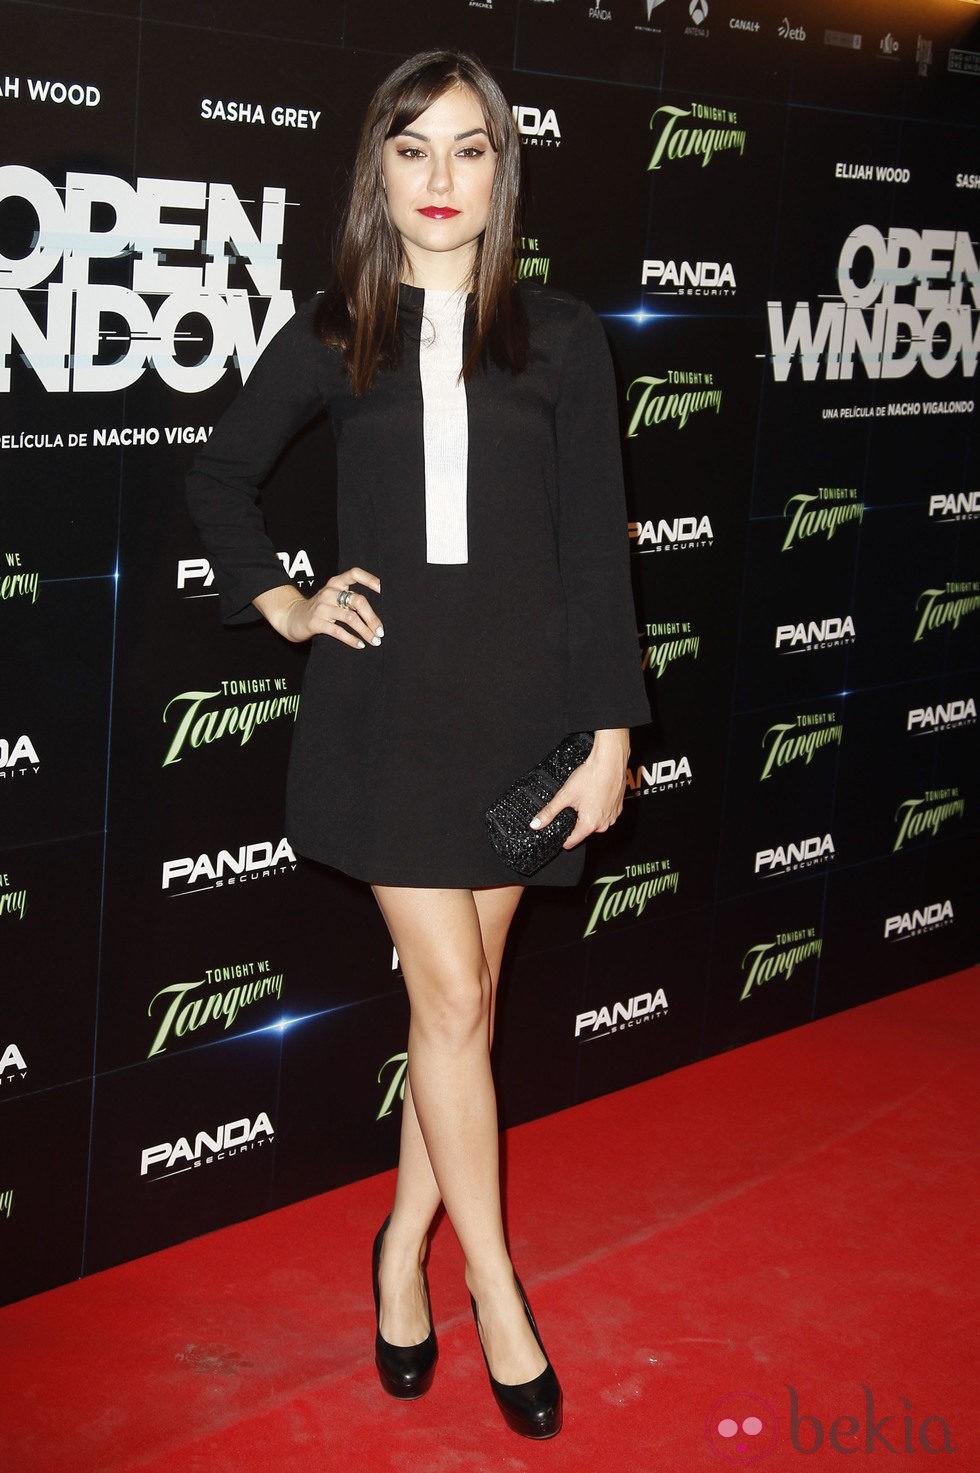 Sasha Grey en el estreno de 'Open Windows' en Madrid